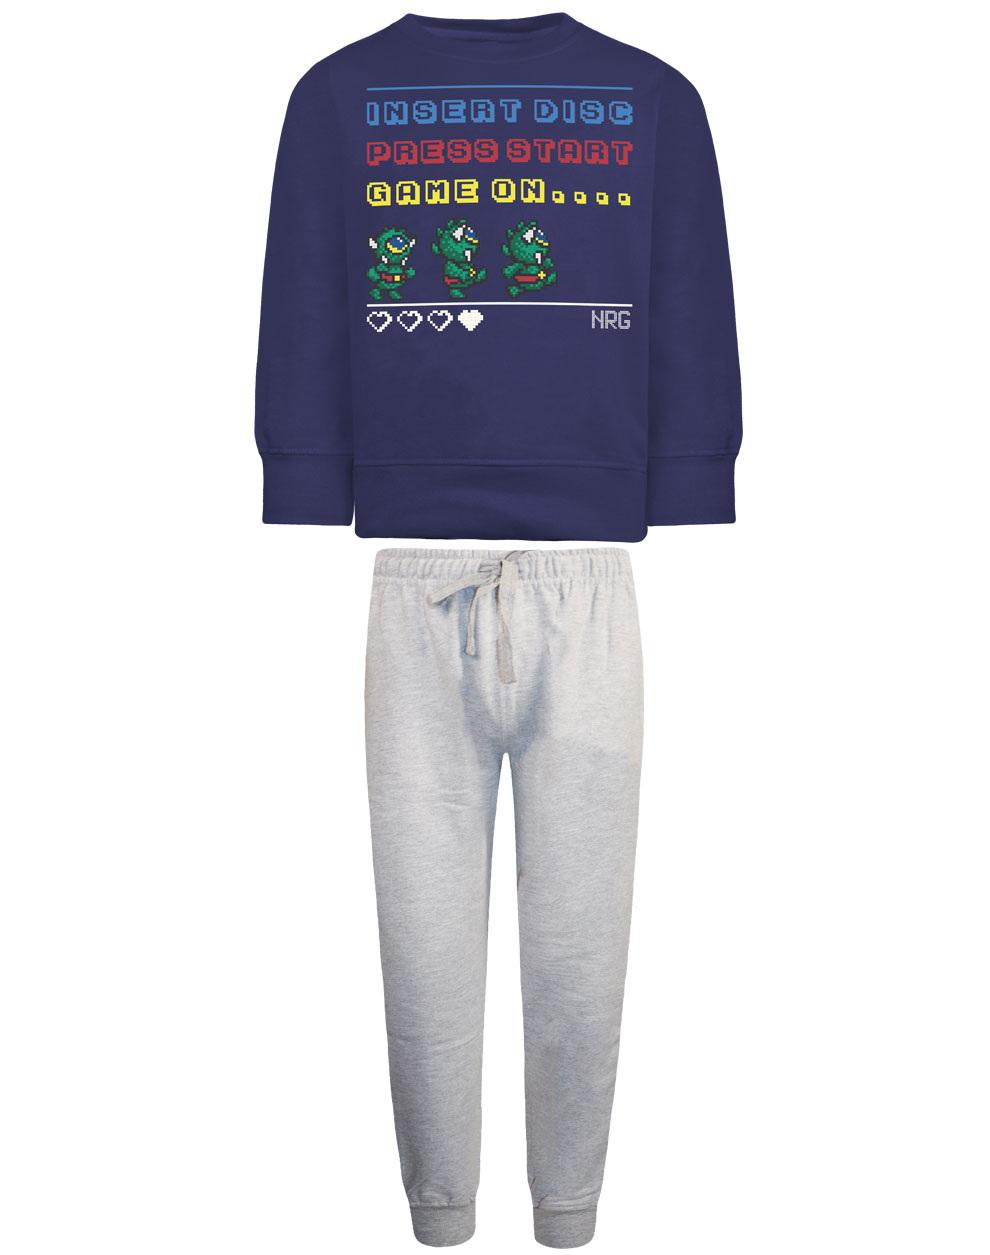 Φόρμα παντελόνι και μπλούζα τύπωμα > 12-120186-0-9 - ΜΕΛΑΝΖΕ - 18848-42/12/295/103